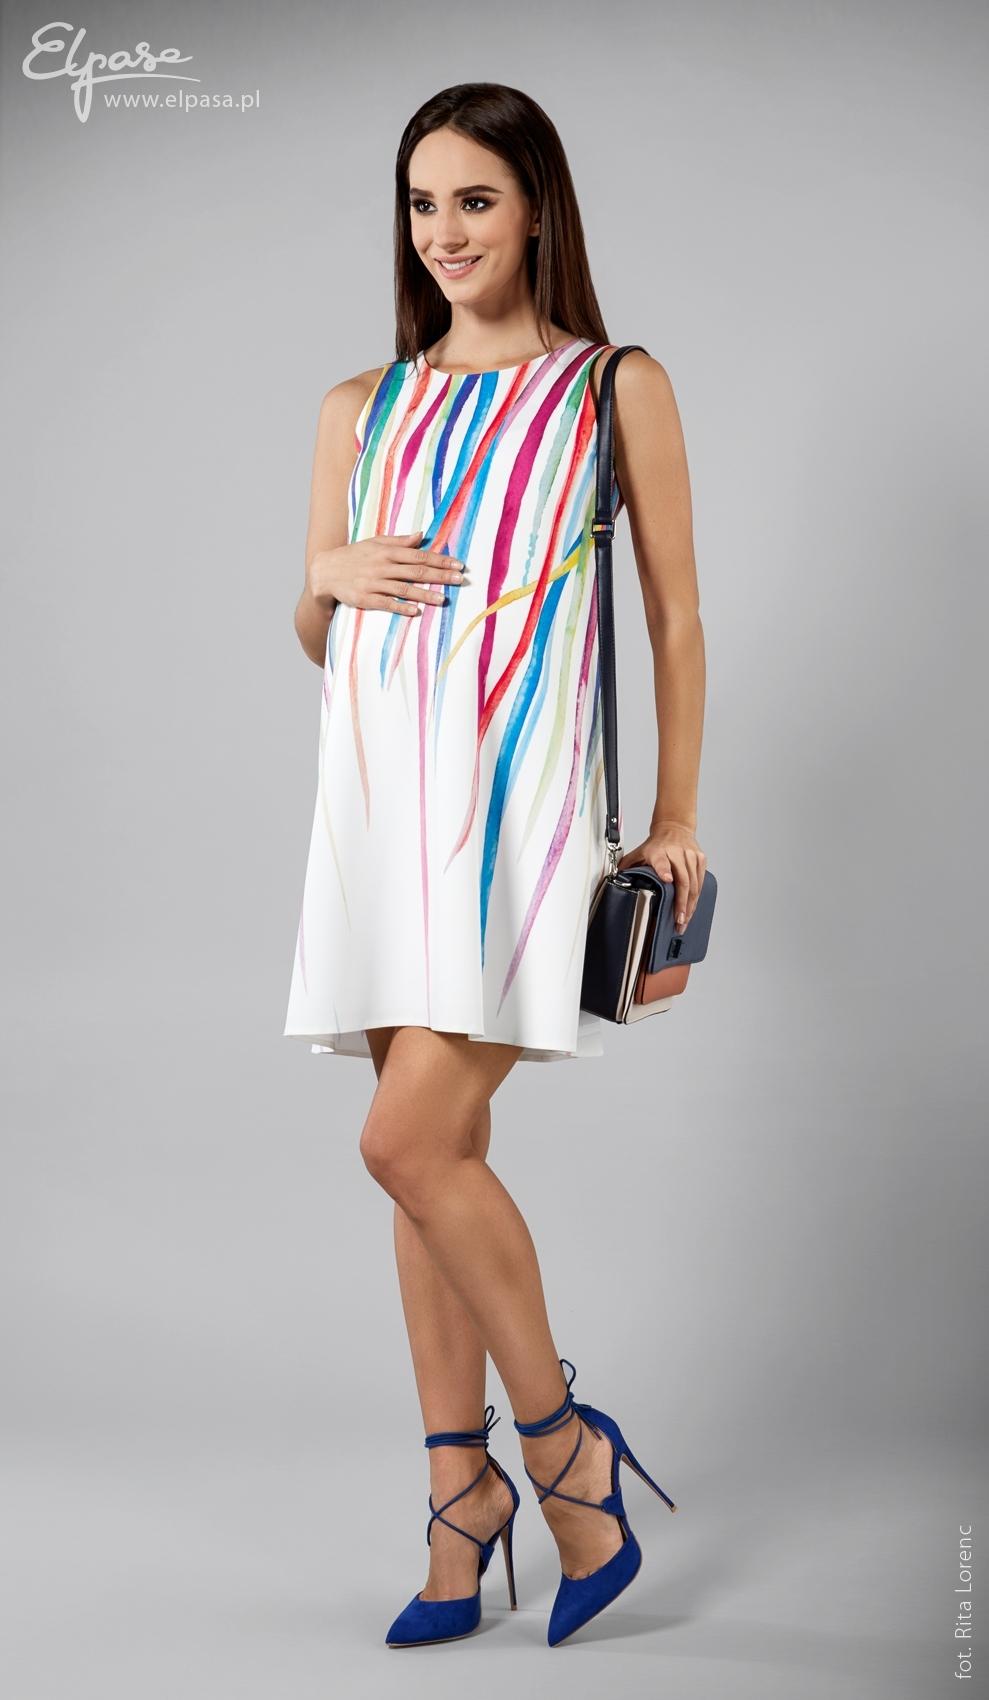 79dec06890ca Tehotenské šaty Amy - ELPASA